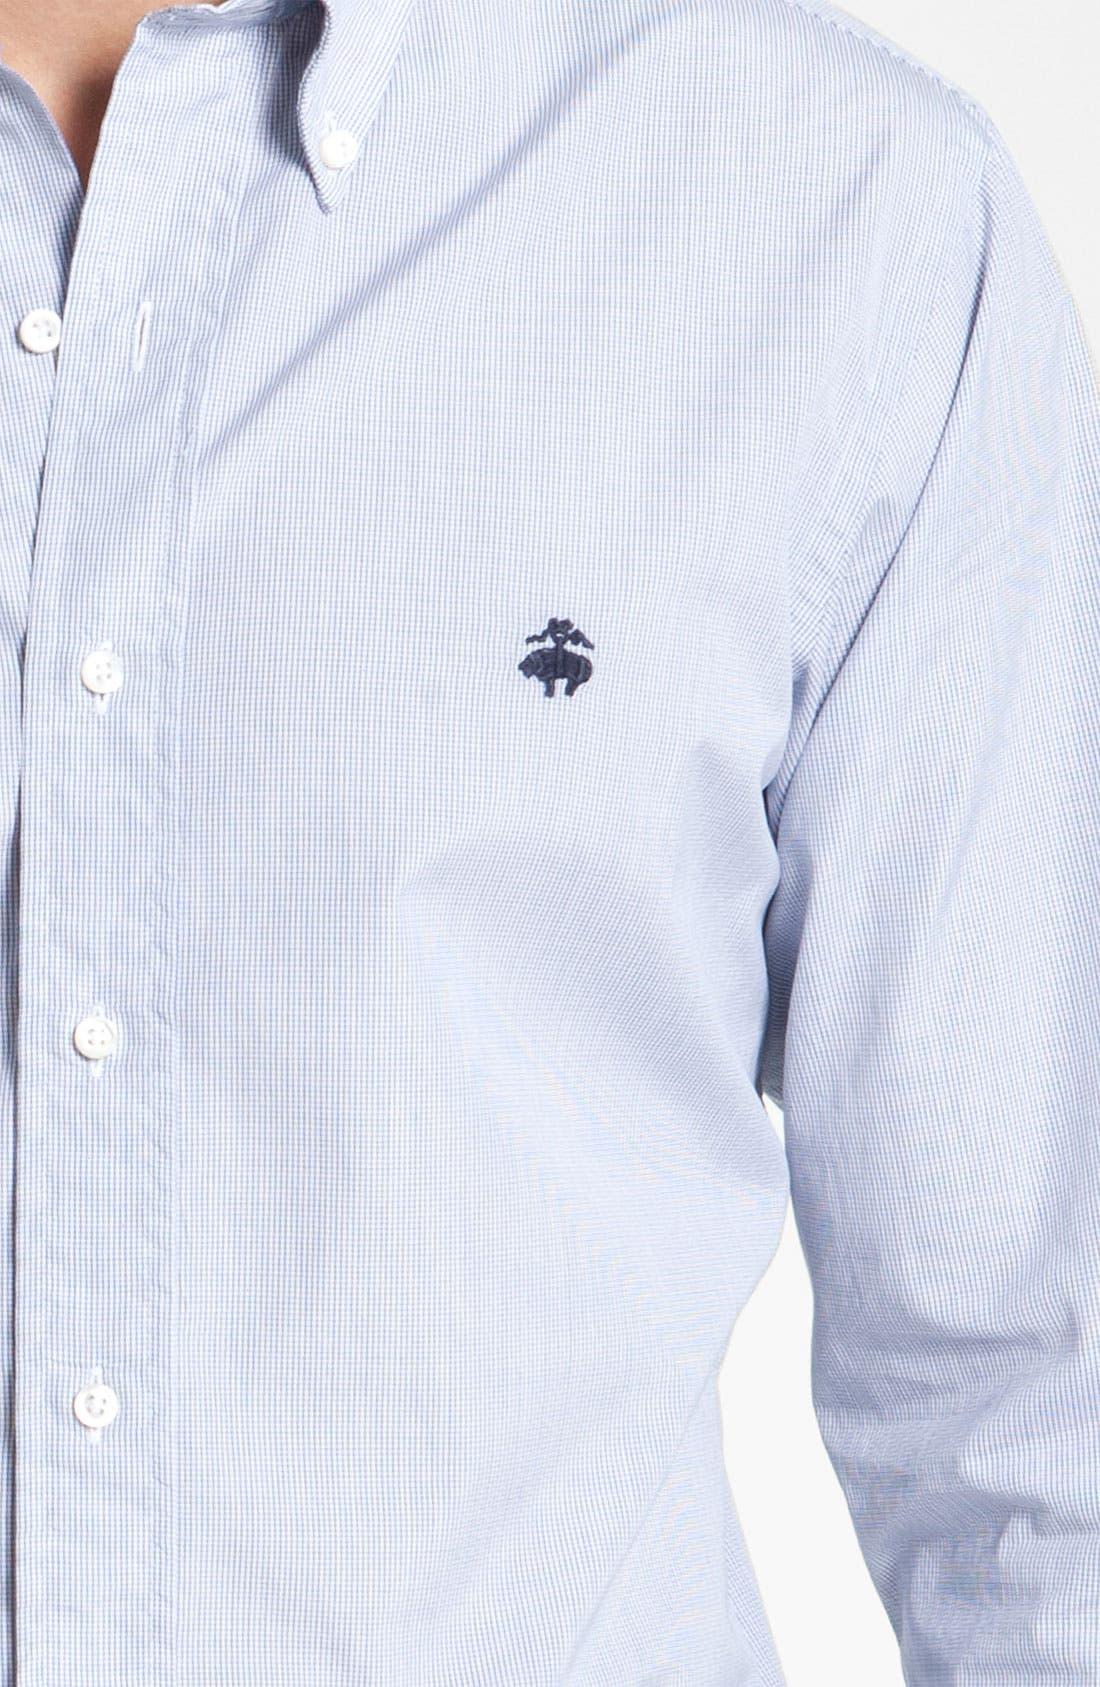 Alternate Image 3  - Brooks Brothers by Jeffrey Tattersall Woven Shirt